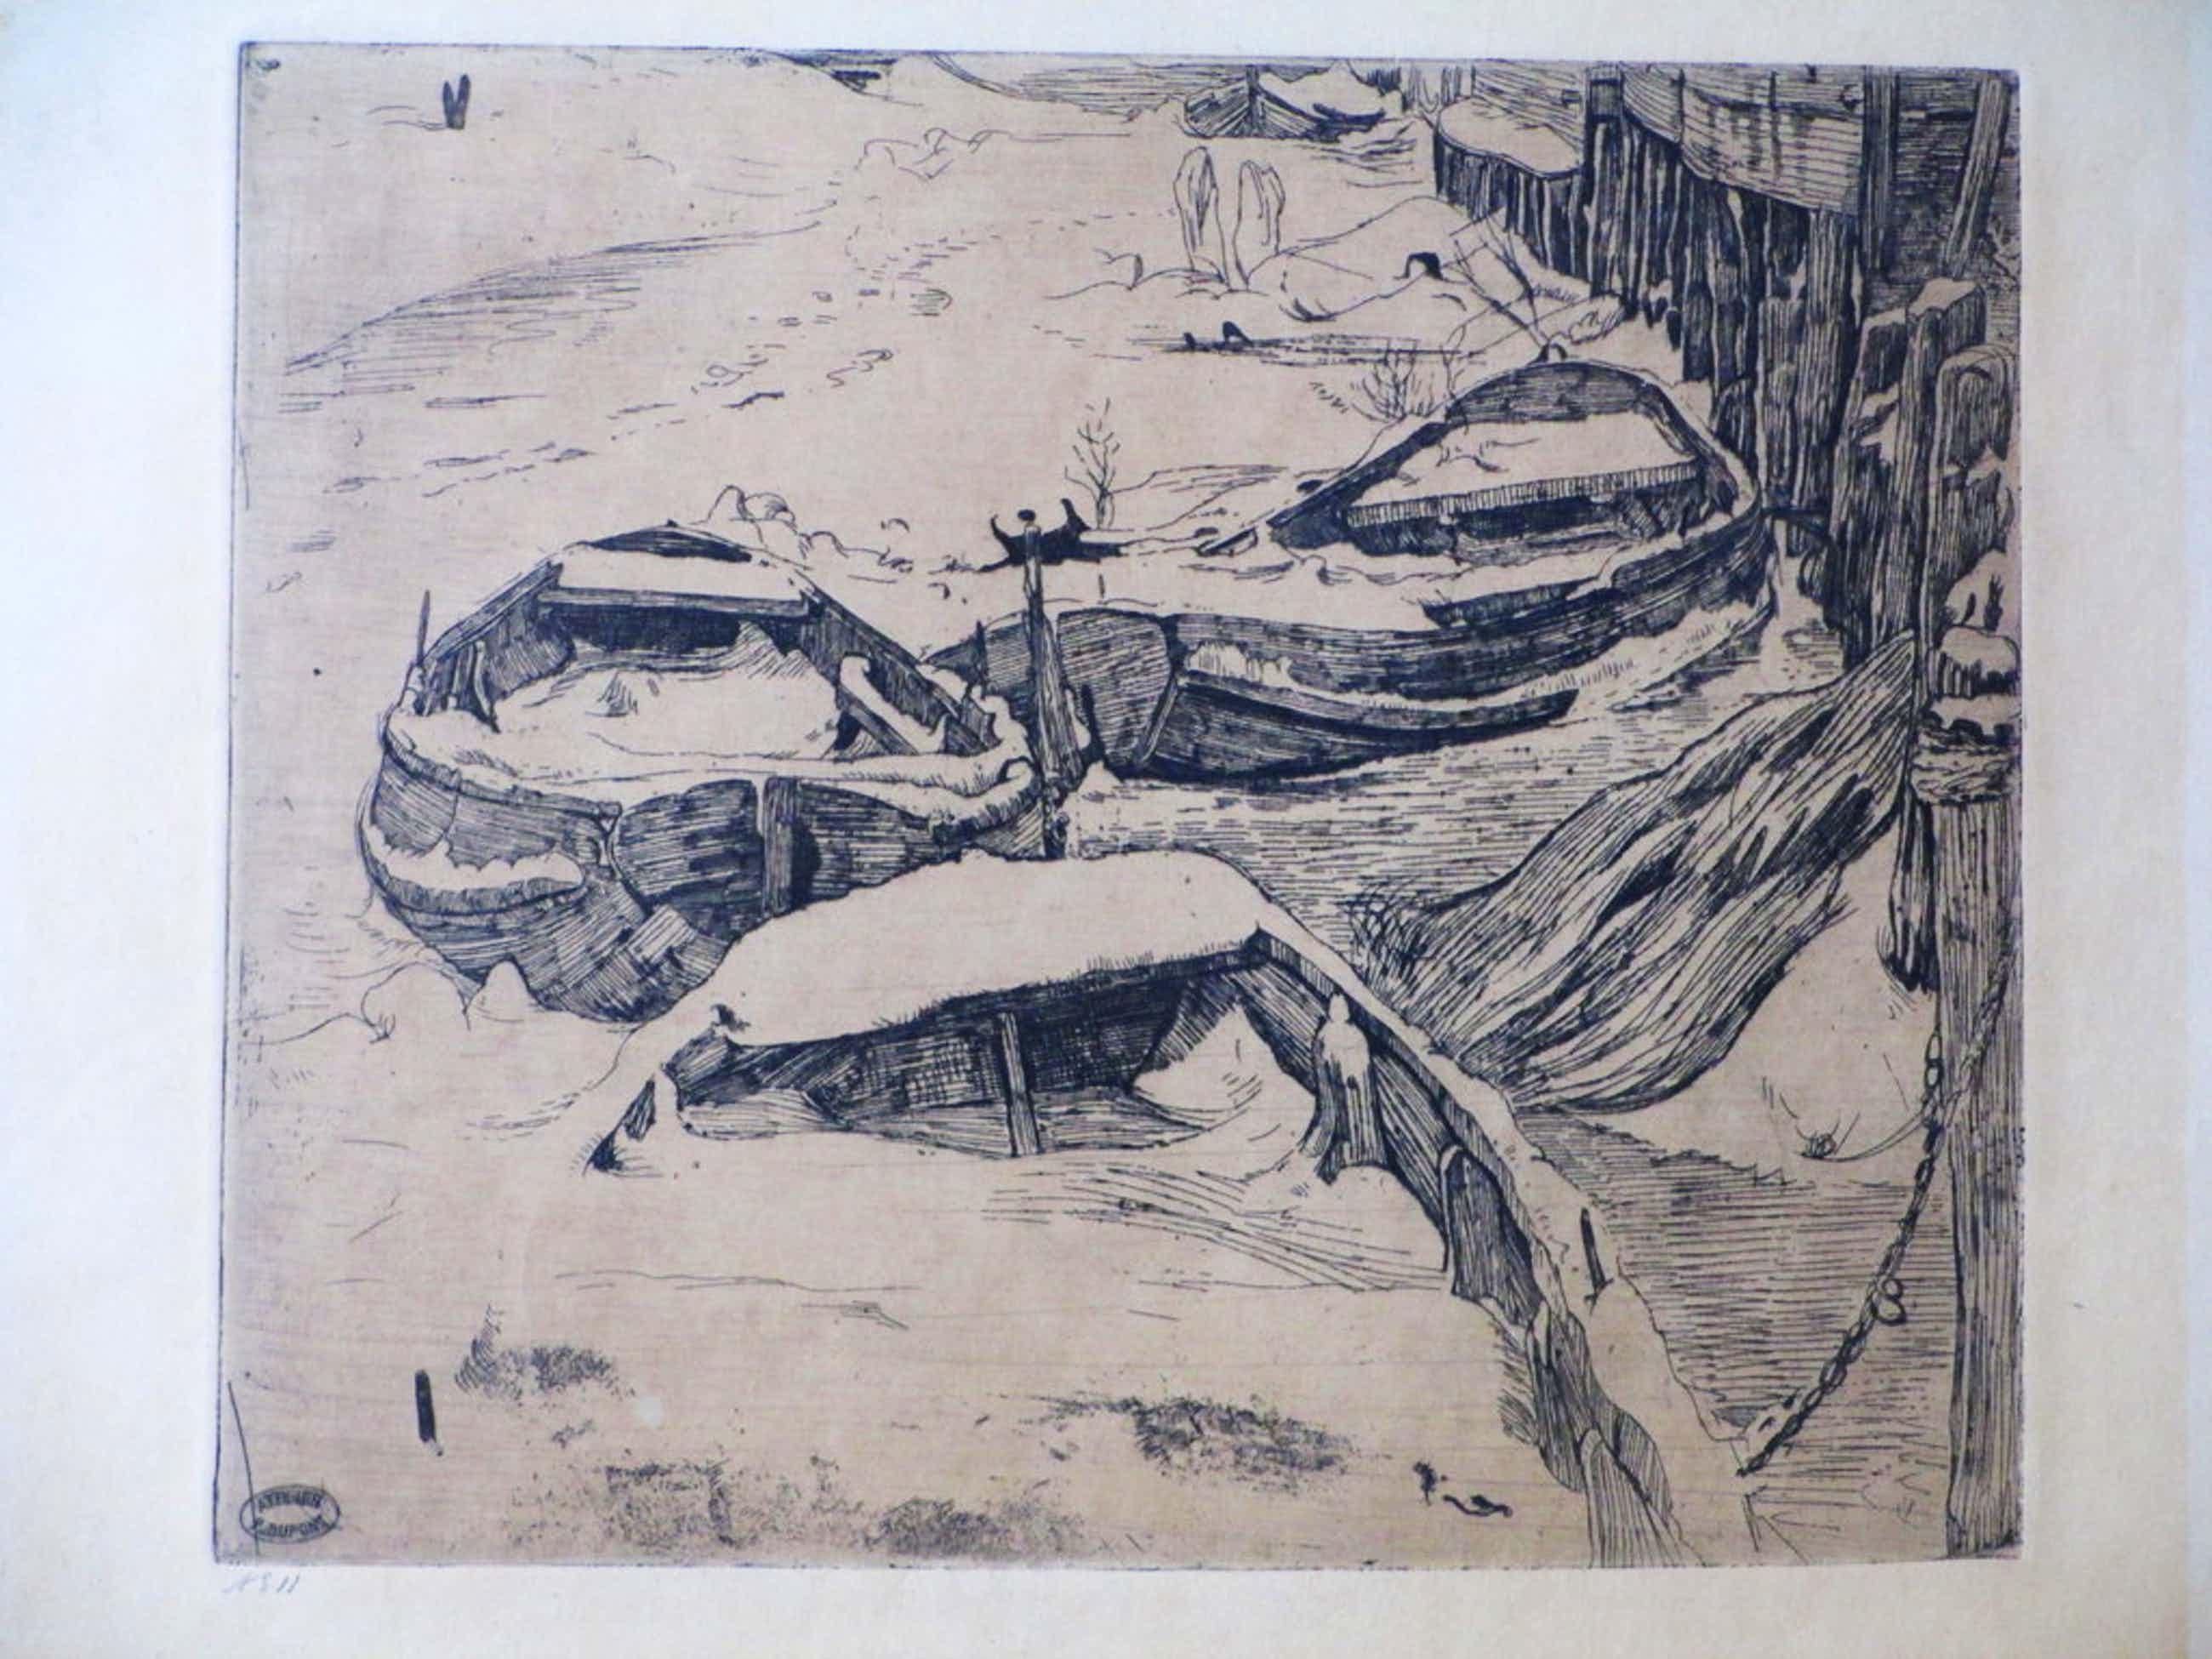 Pieter Dupont, Booten in de sneeuw, Ets op zink 1893-'94 kopen? Bied vanaf 90!